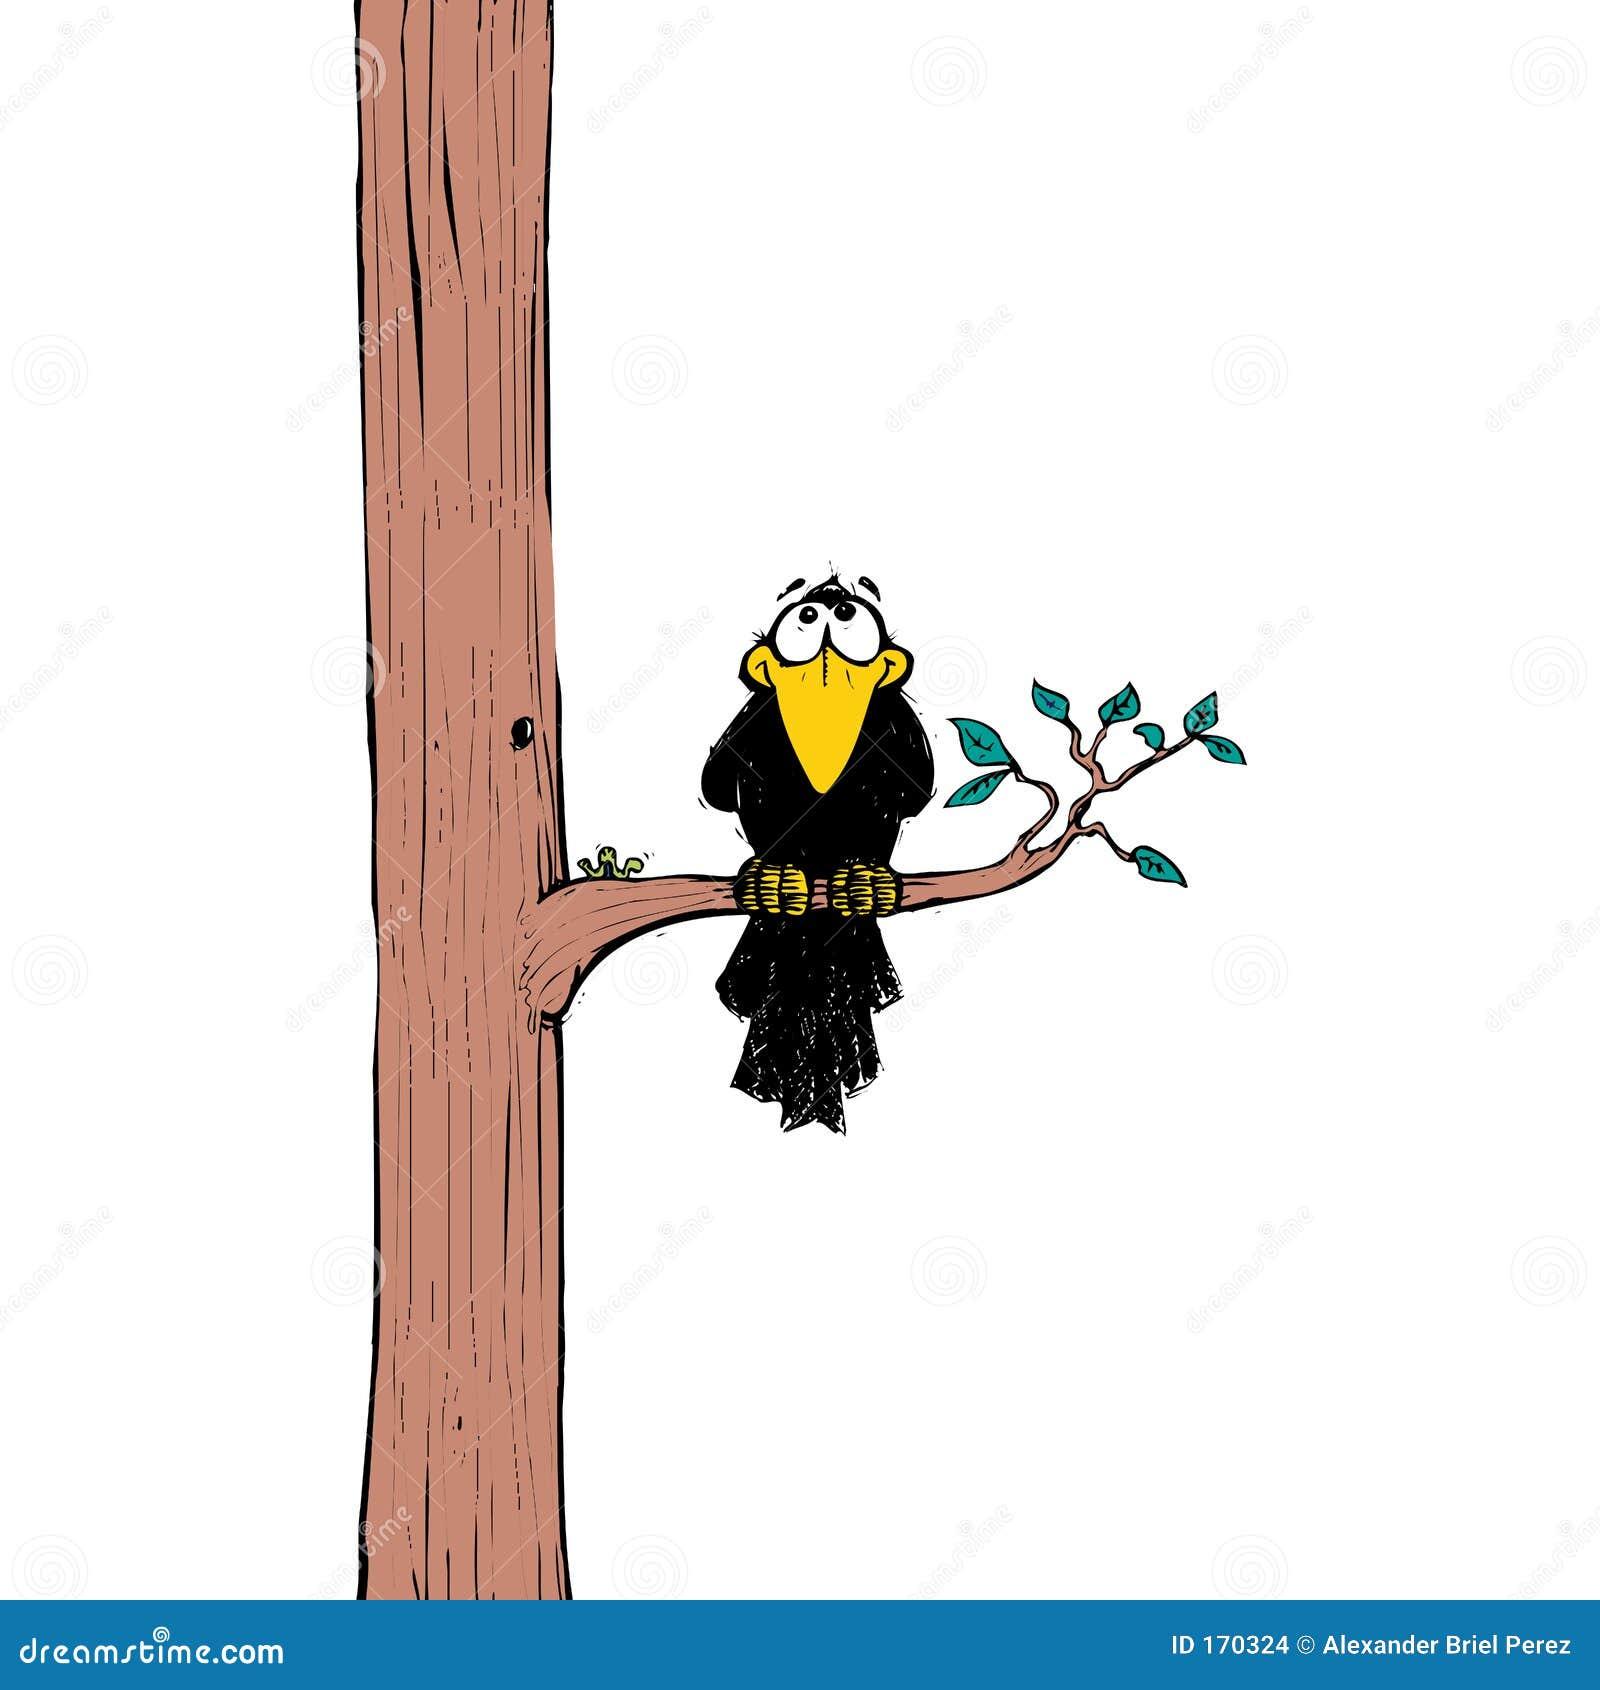 Crow on tree